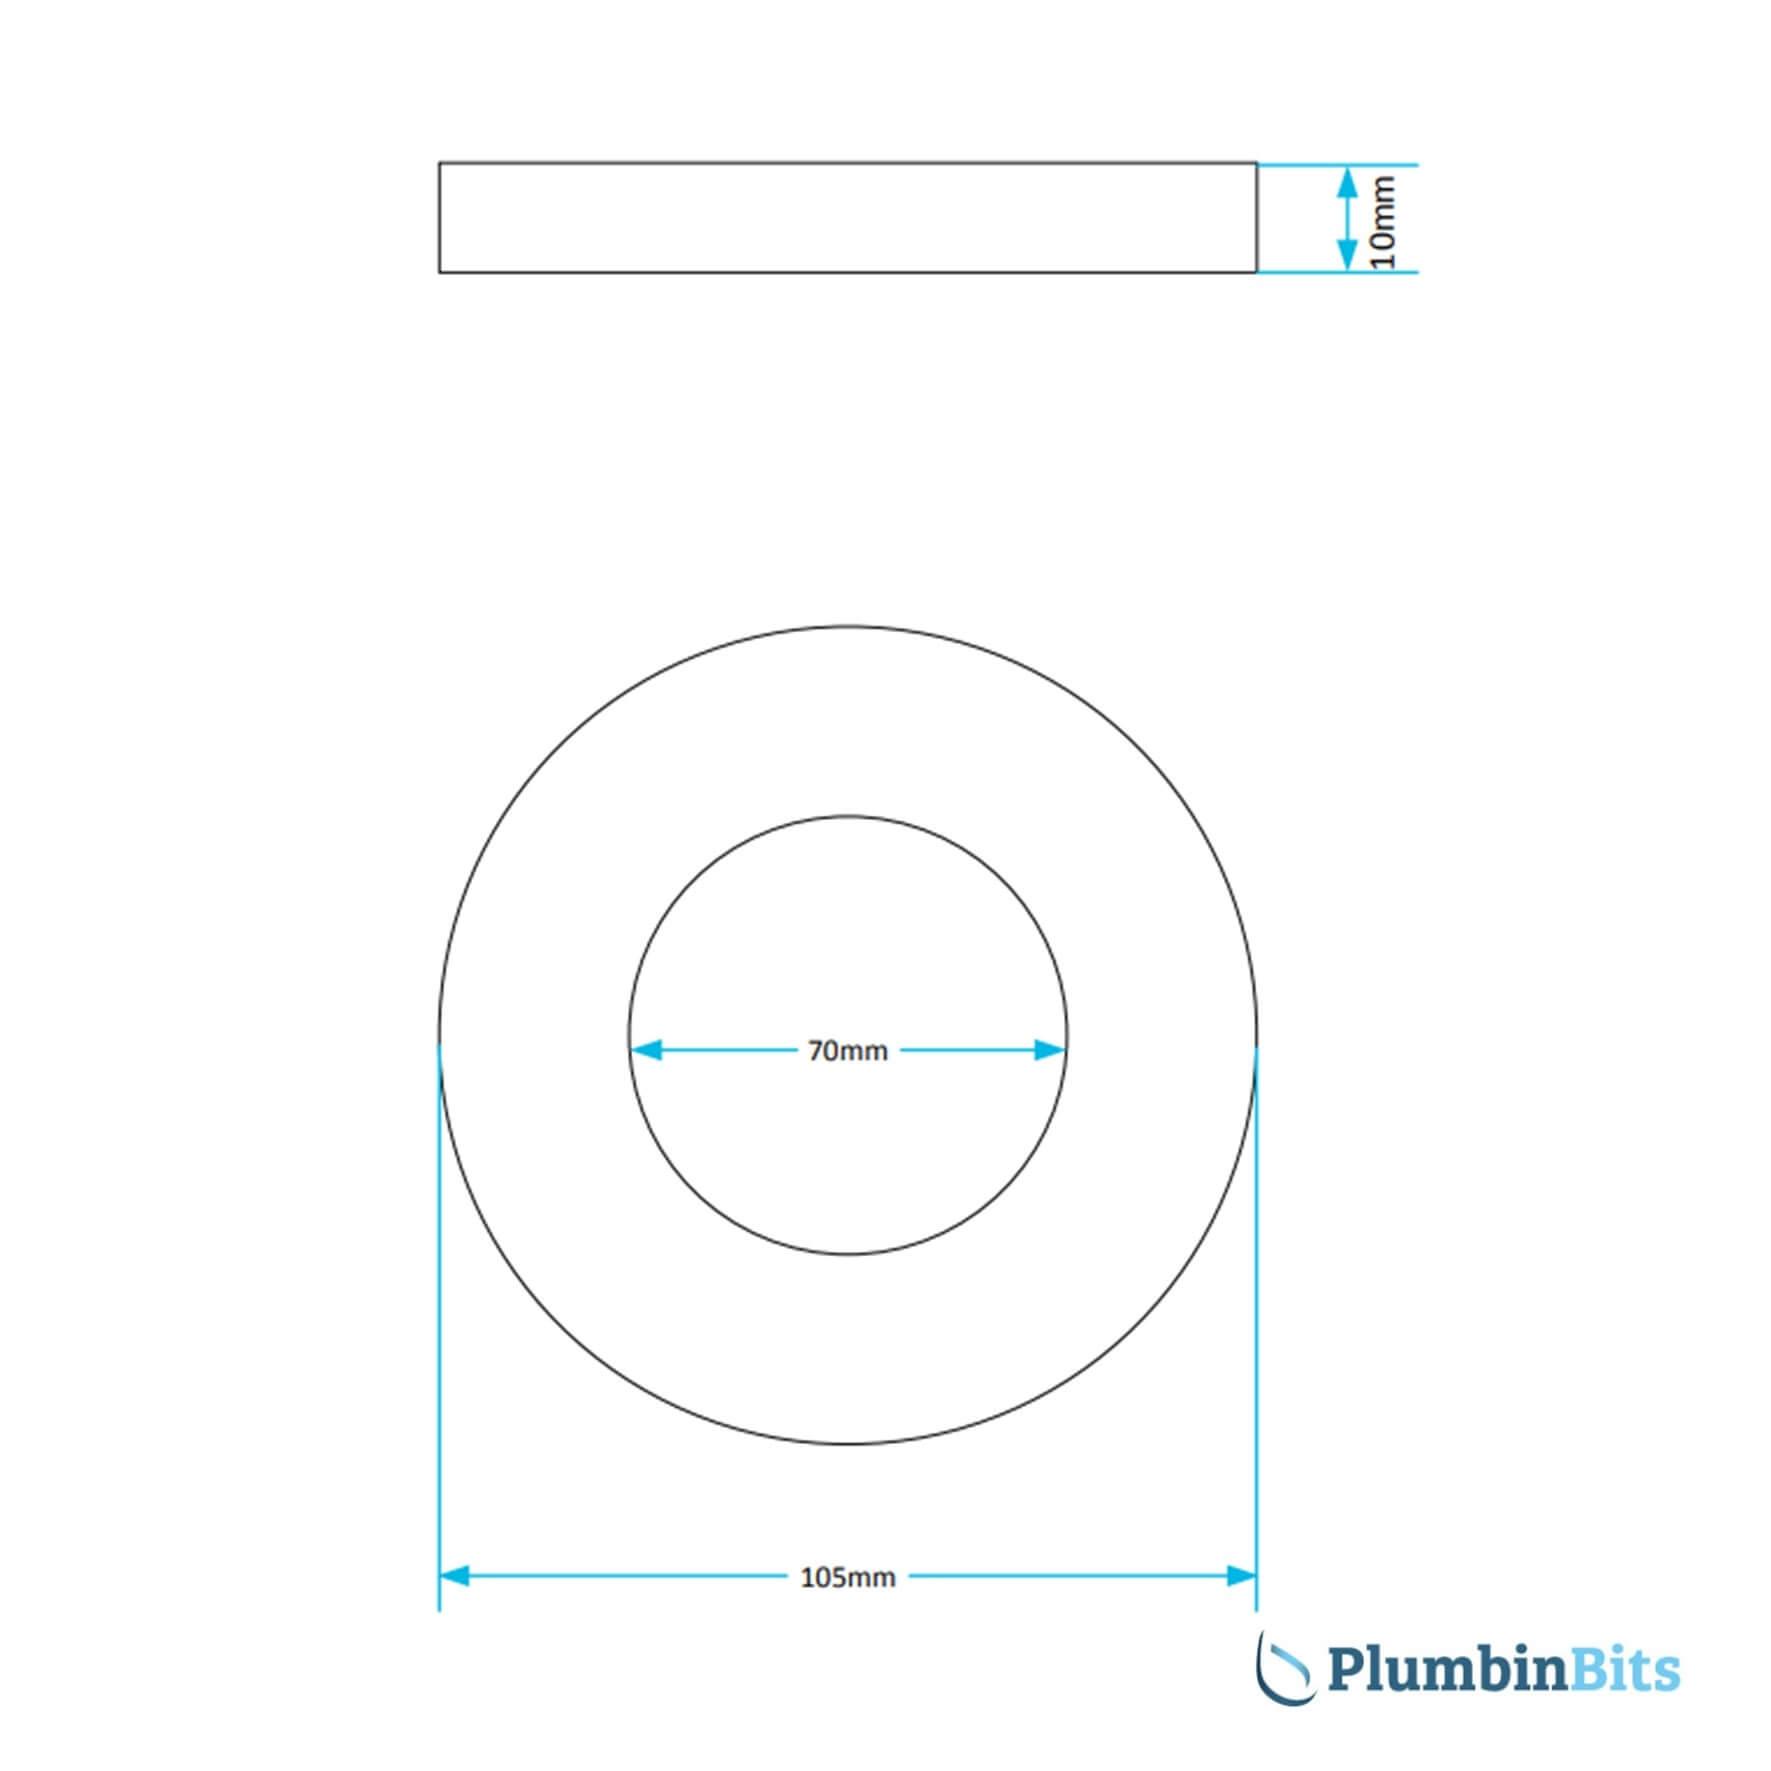 Viva Washer PP0035 Measurement